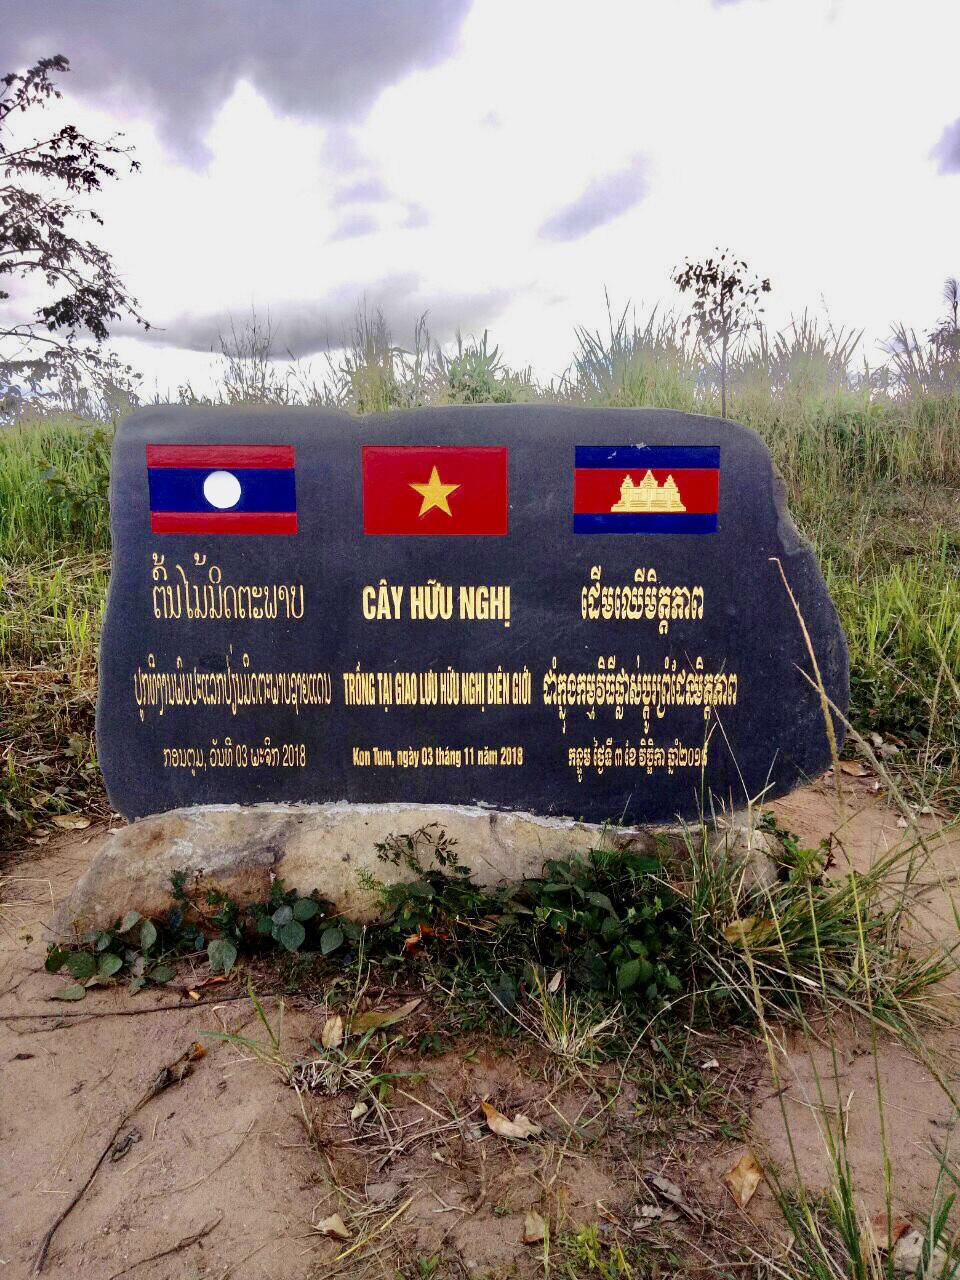 Kon Tum: Chiêm ngưỡng ngôi làng, nơi một tiếng gà gáy cả 3 nước đều nghe - Ảnh 1.